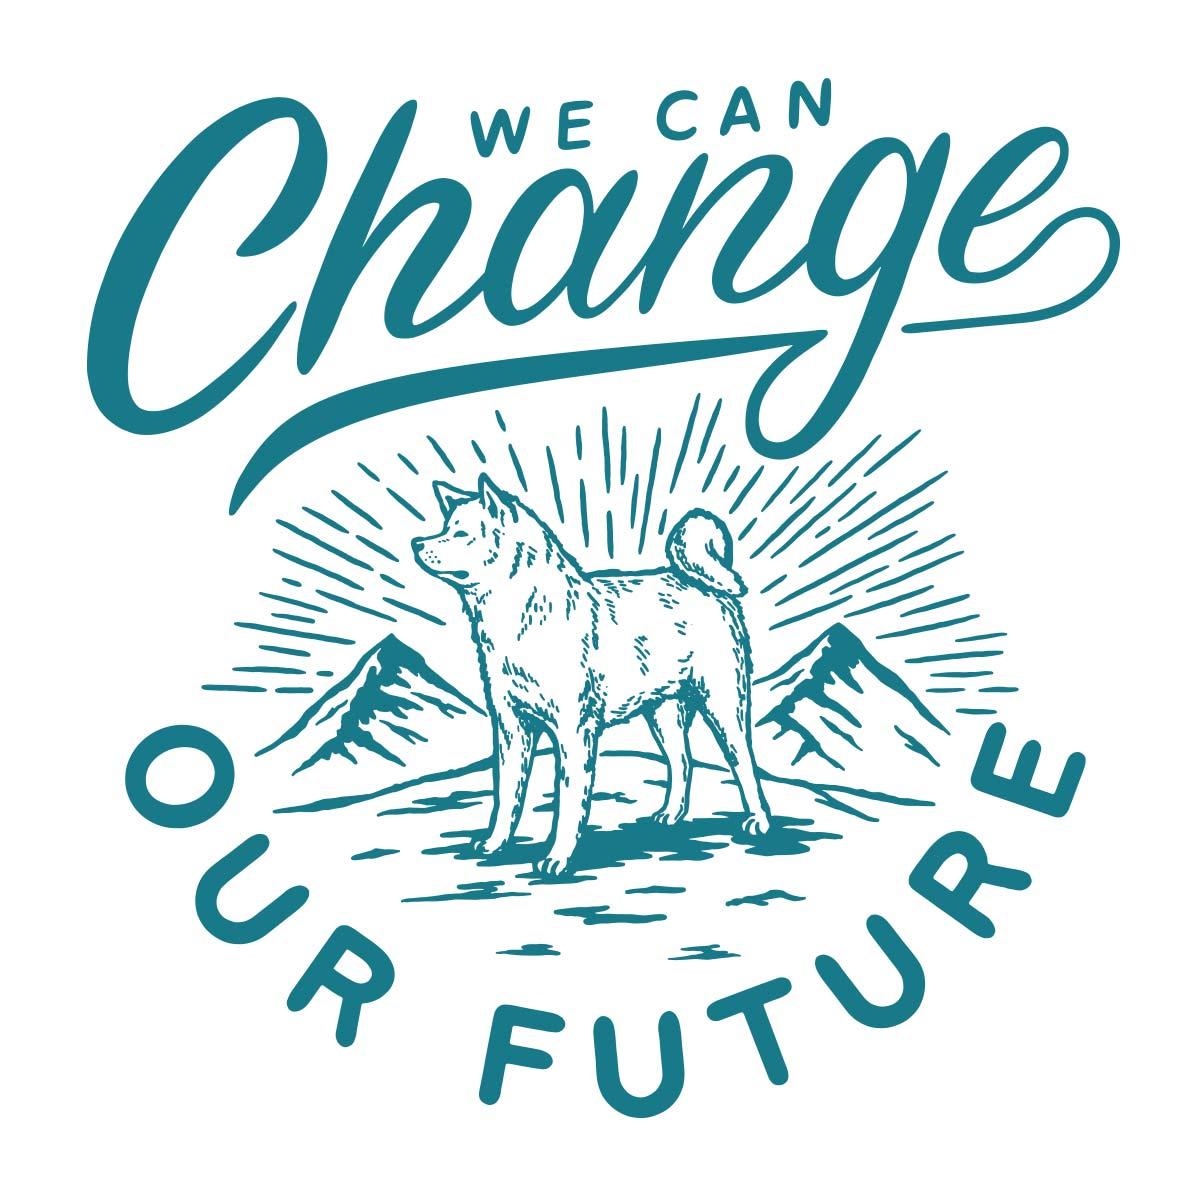 飼育放棄された秋田犬の保護活動を応援できるチャリティーアイテムを4月7日(日)まで限定販売!